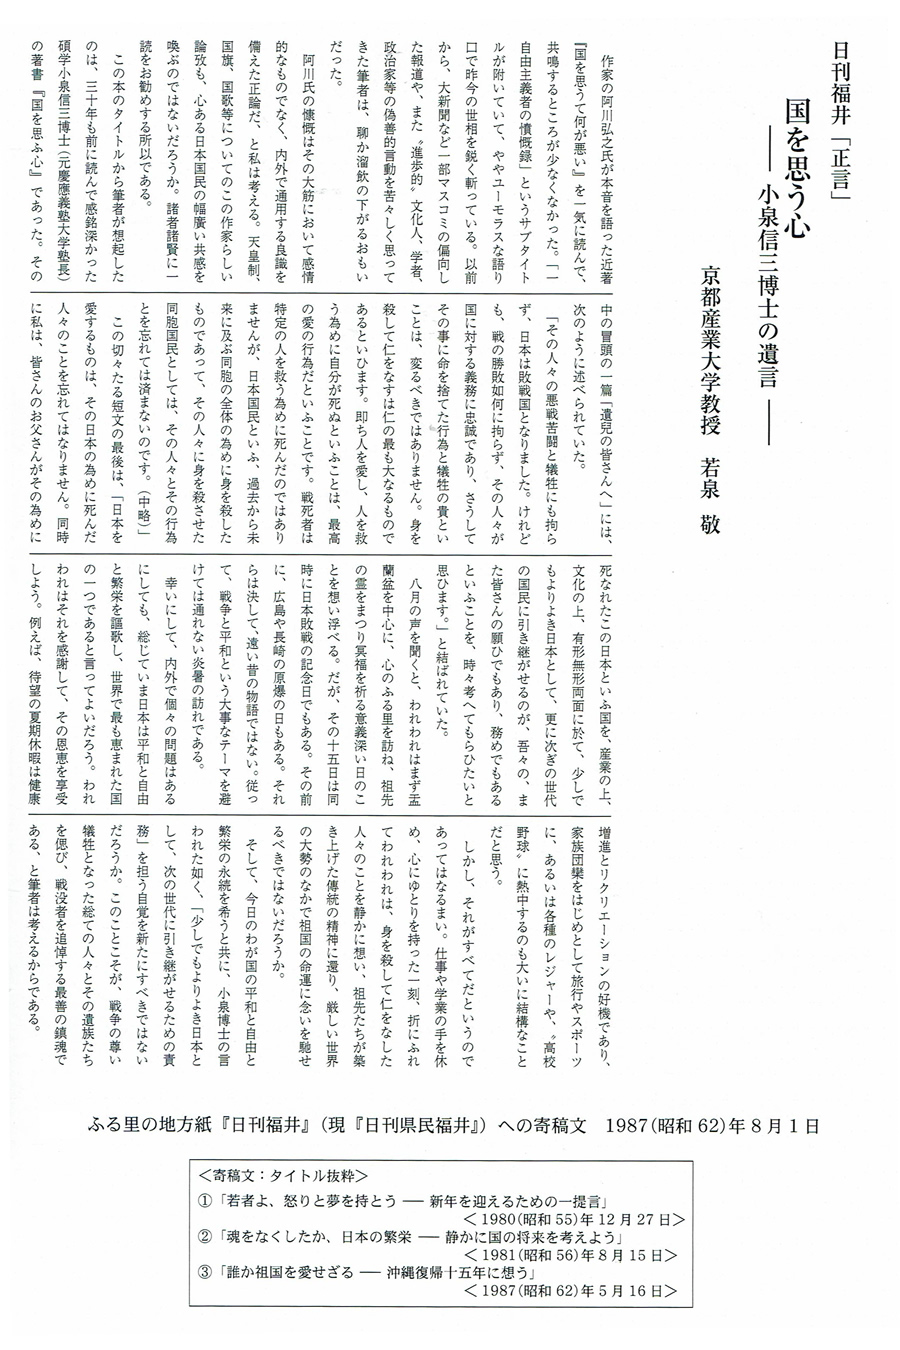 ふる里の地方紙『日刊福井』(現『日刊県民福井』)への寄稿文 1987(昭和62)年8月1日